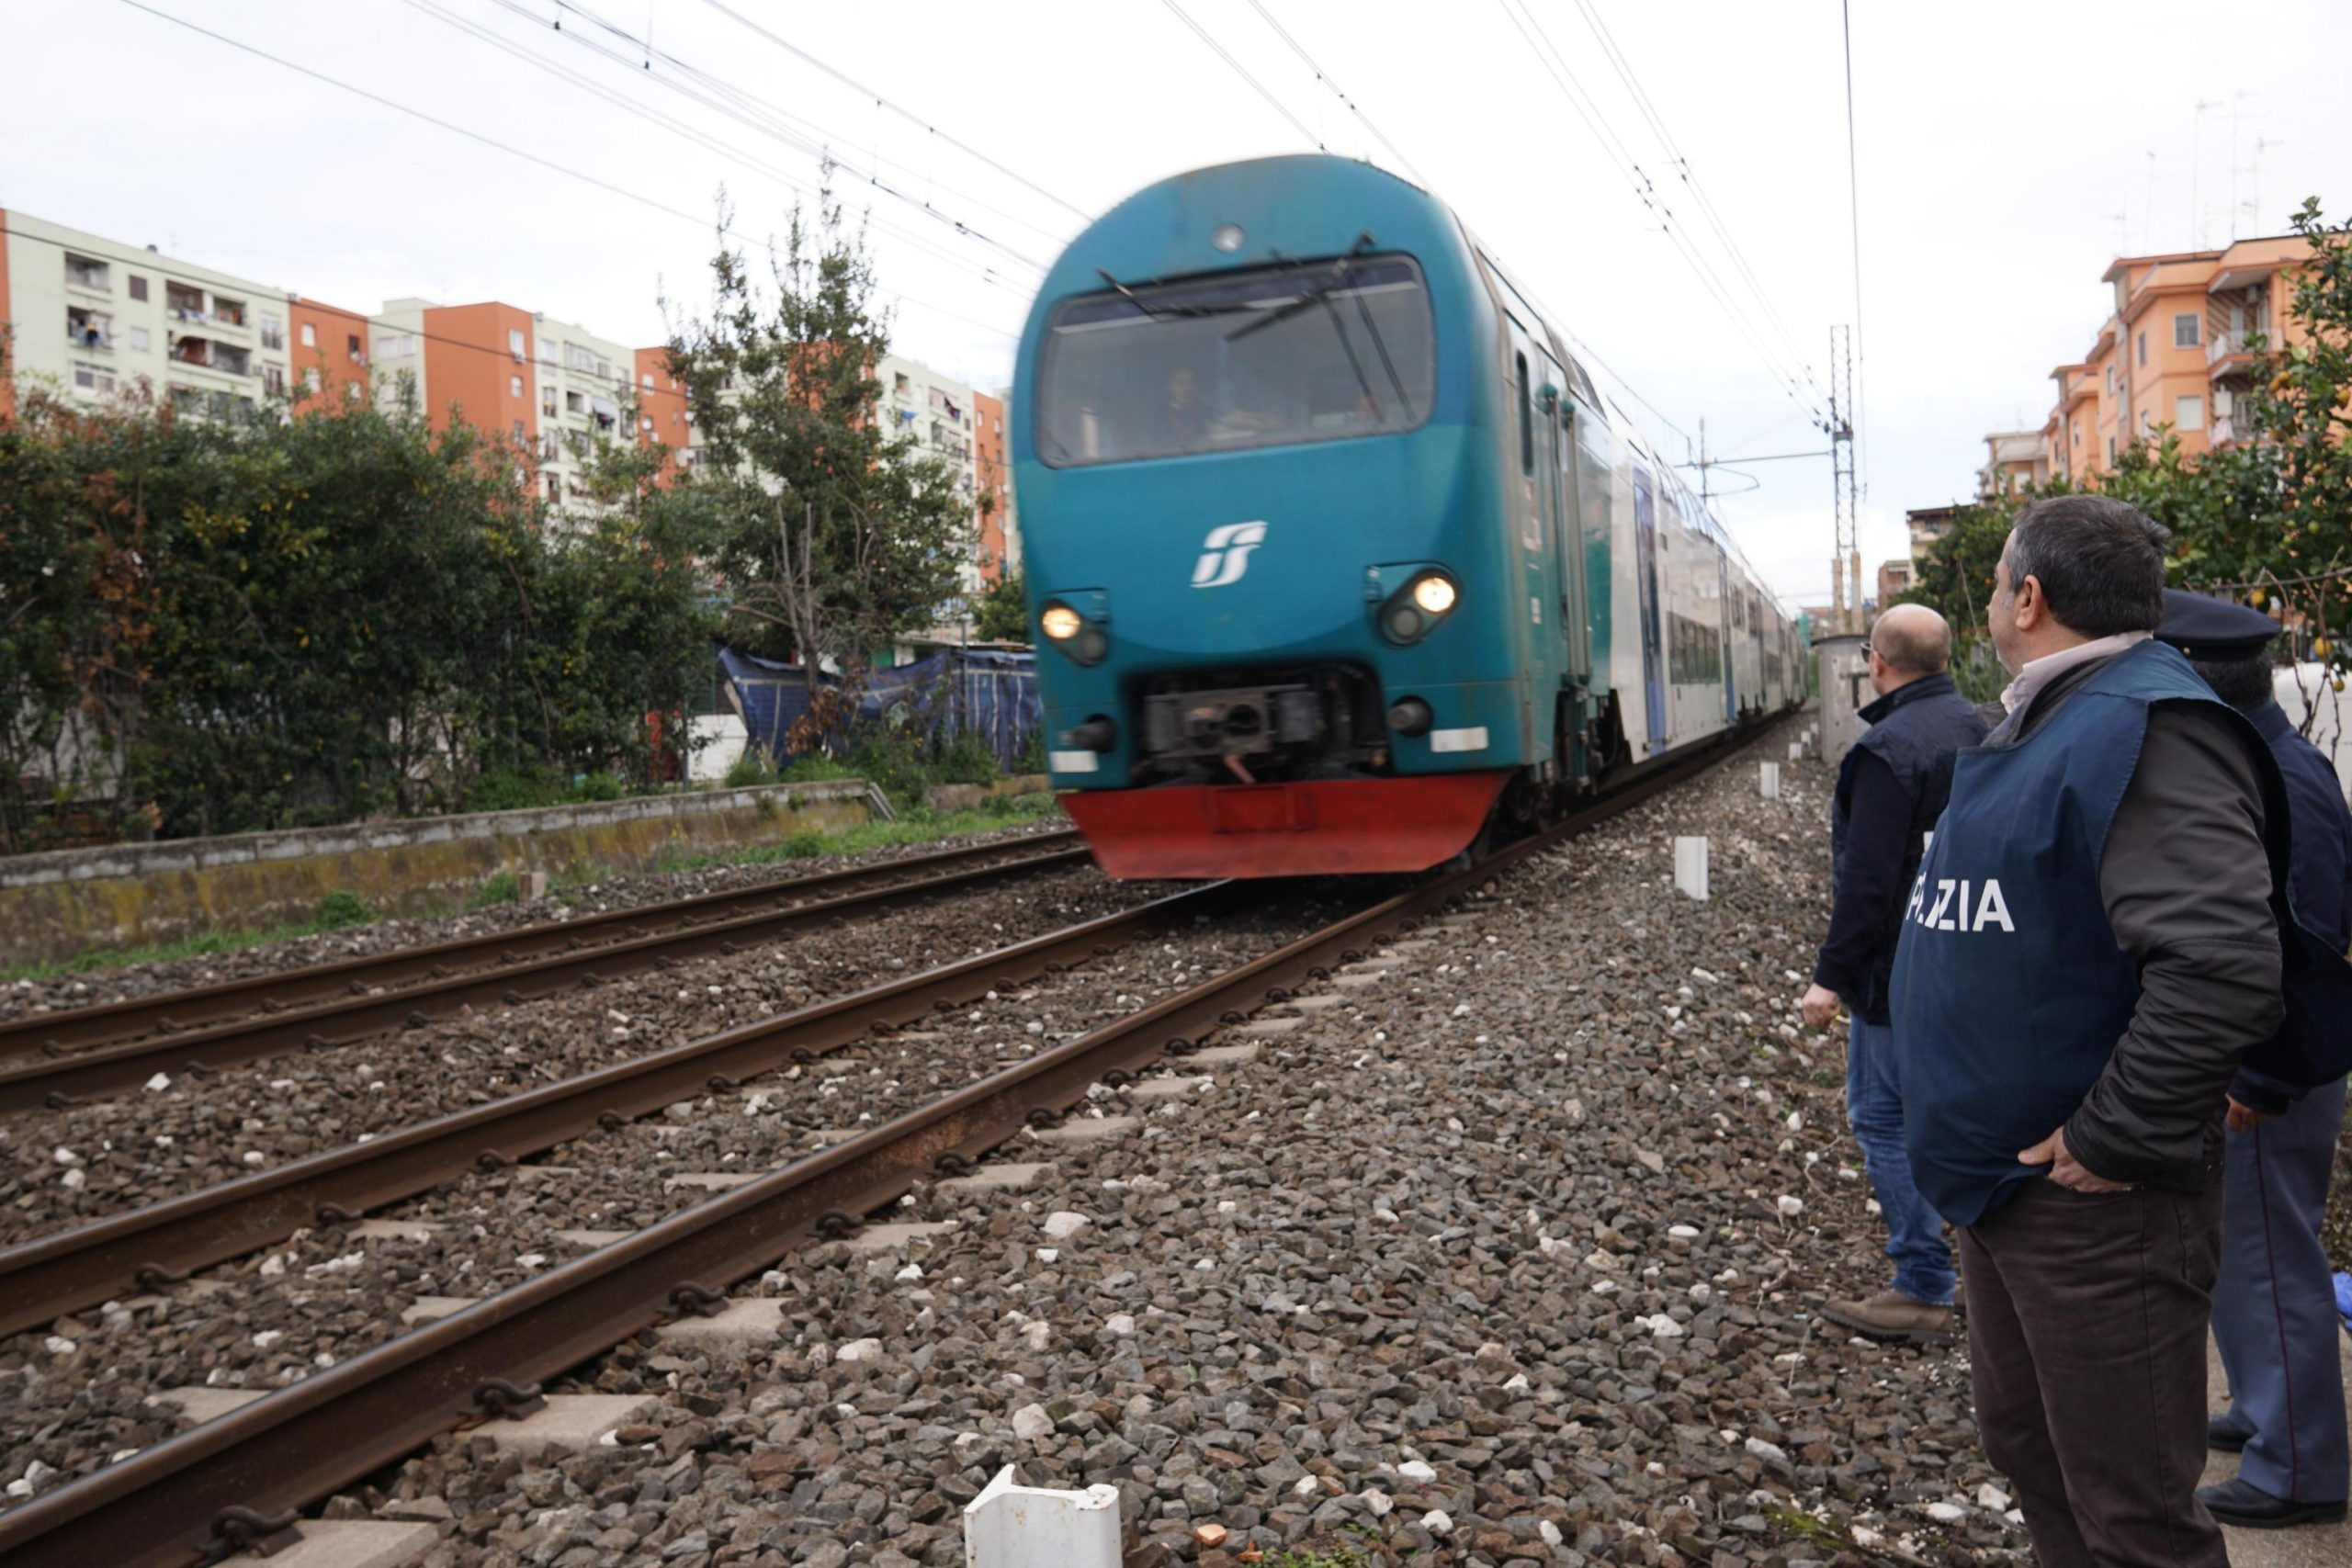 Giovane di 17 anni travolto ed ucciso da treno a Napoli